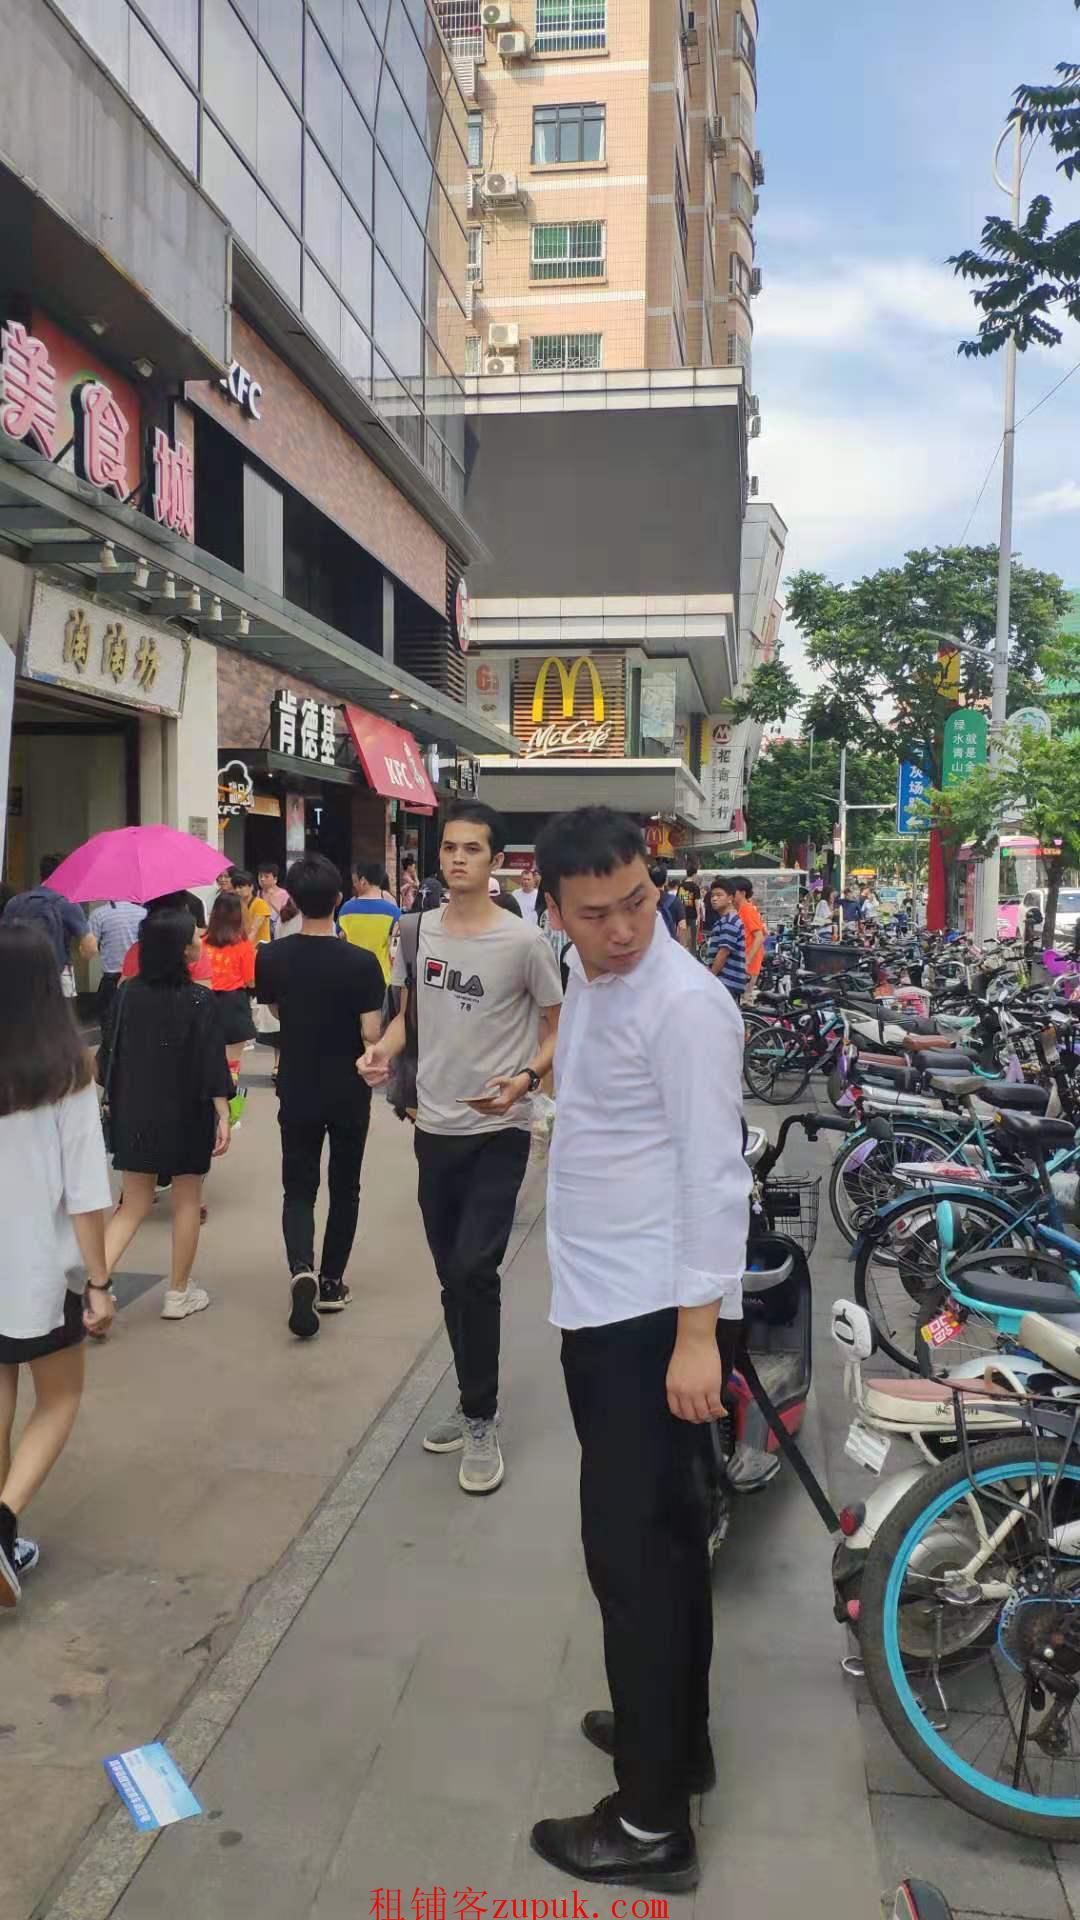 杨箕地铁口沿街旺铺,可轻餐饮小吃等,执照无忧好办理